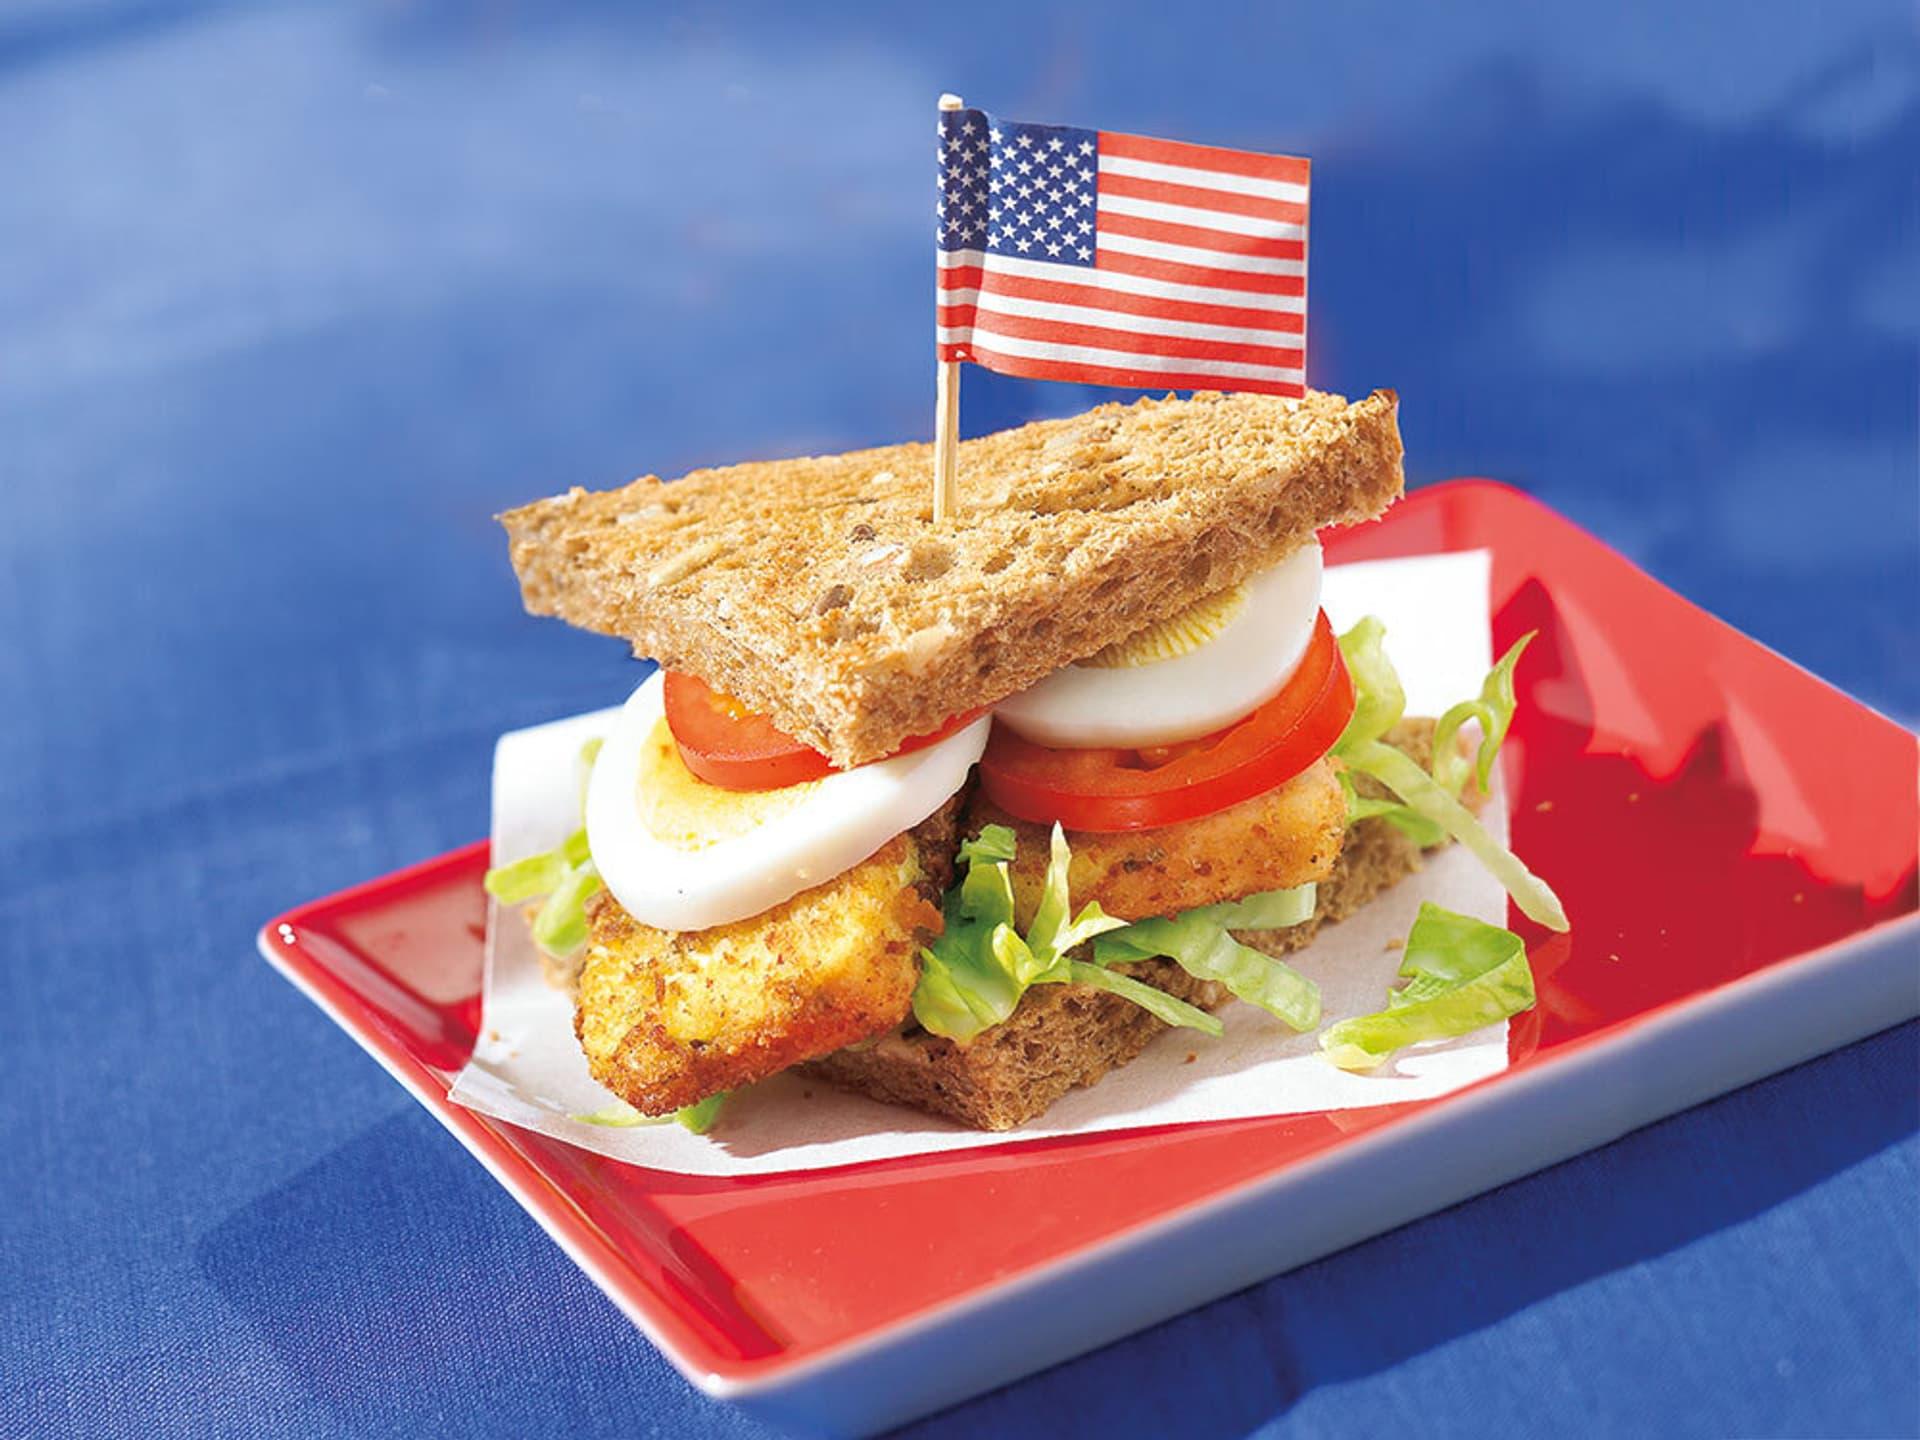 Sandwich, in dem eine kleine amerikanischer Fahne steckt